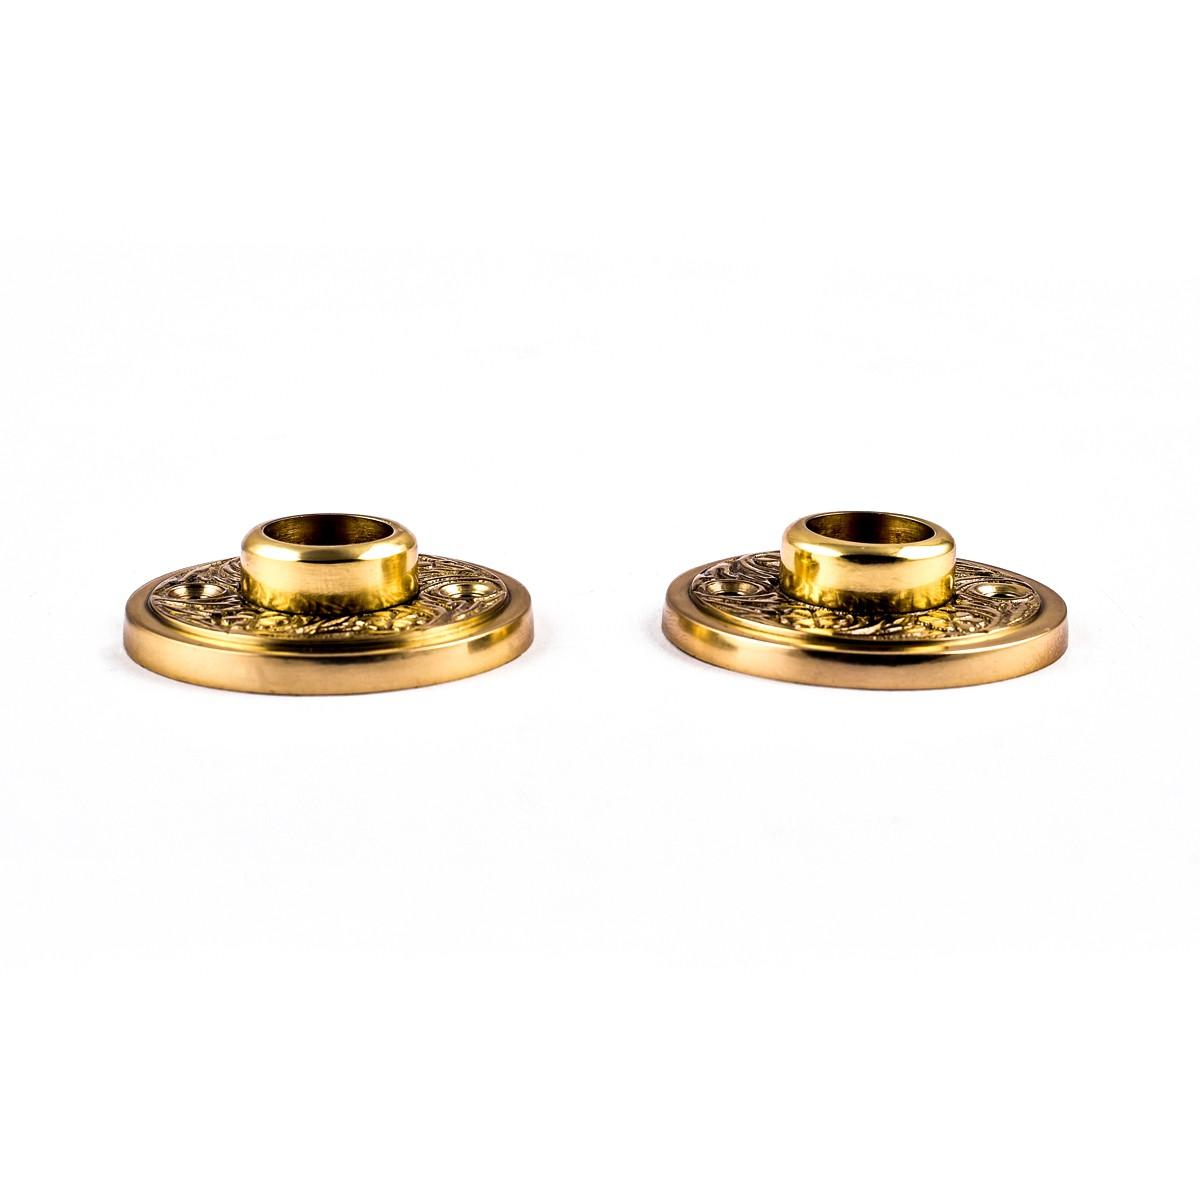 Pair 2 Victorian Cast Brass Rosette Door Hardware Door Knob Roses Door Knob Back Plates